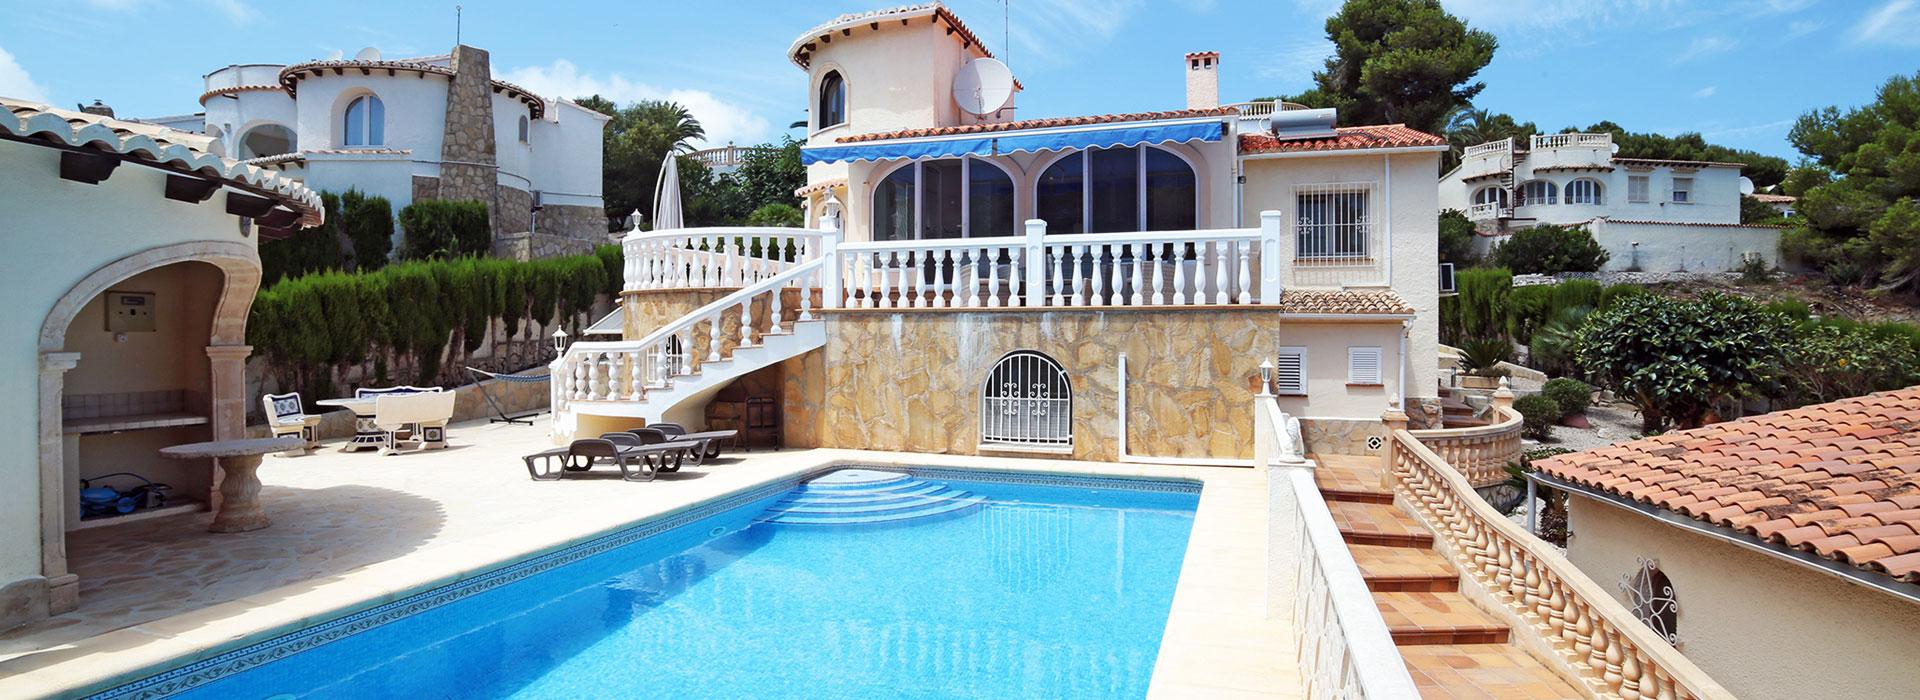 acb.immo - Villa de 4 chambres avec appartement séparé et piscine à Javea